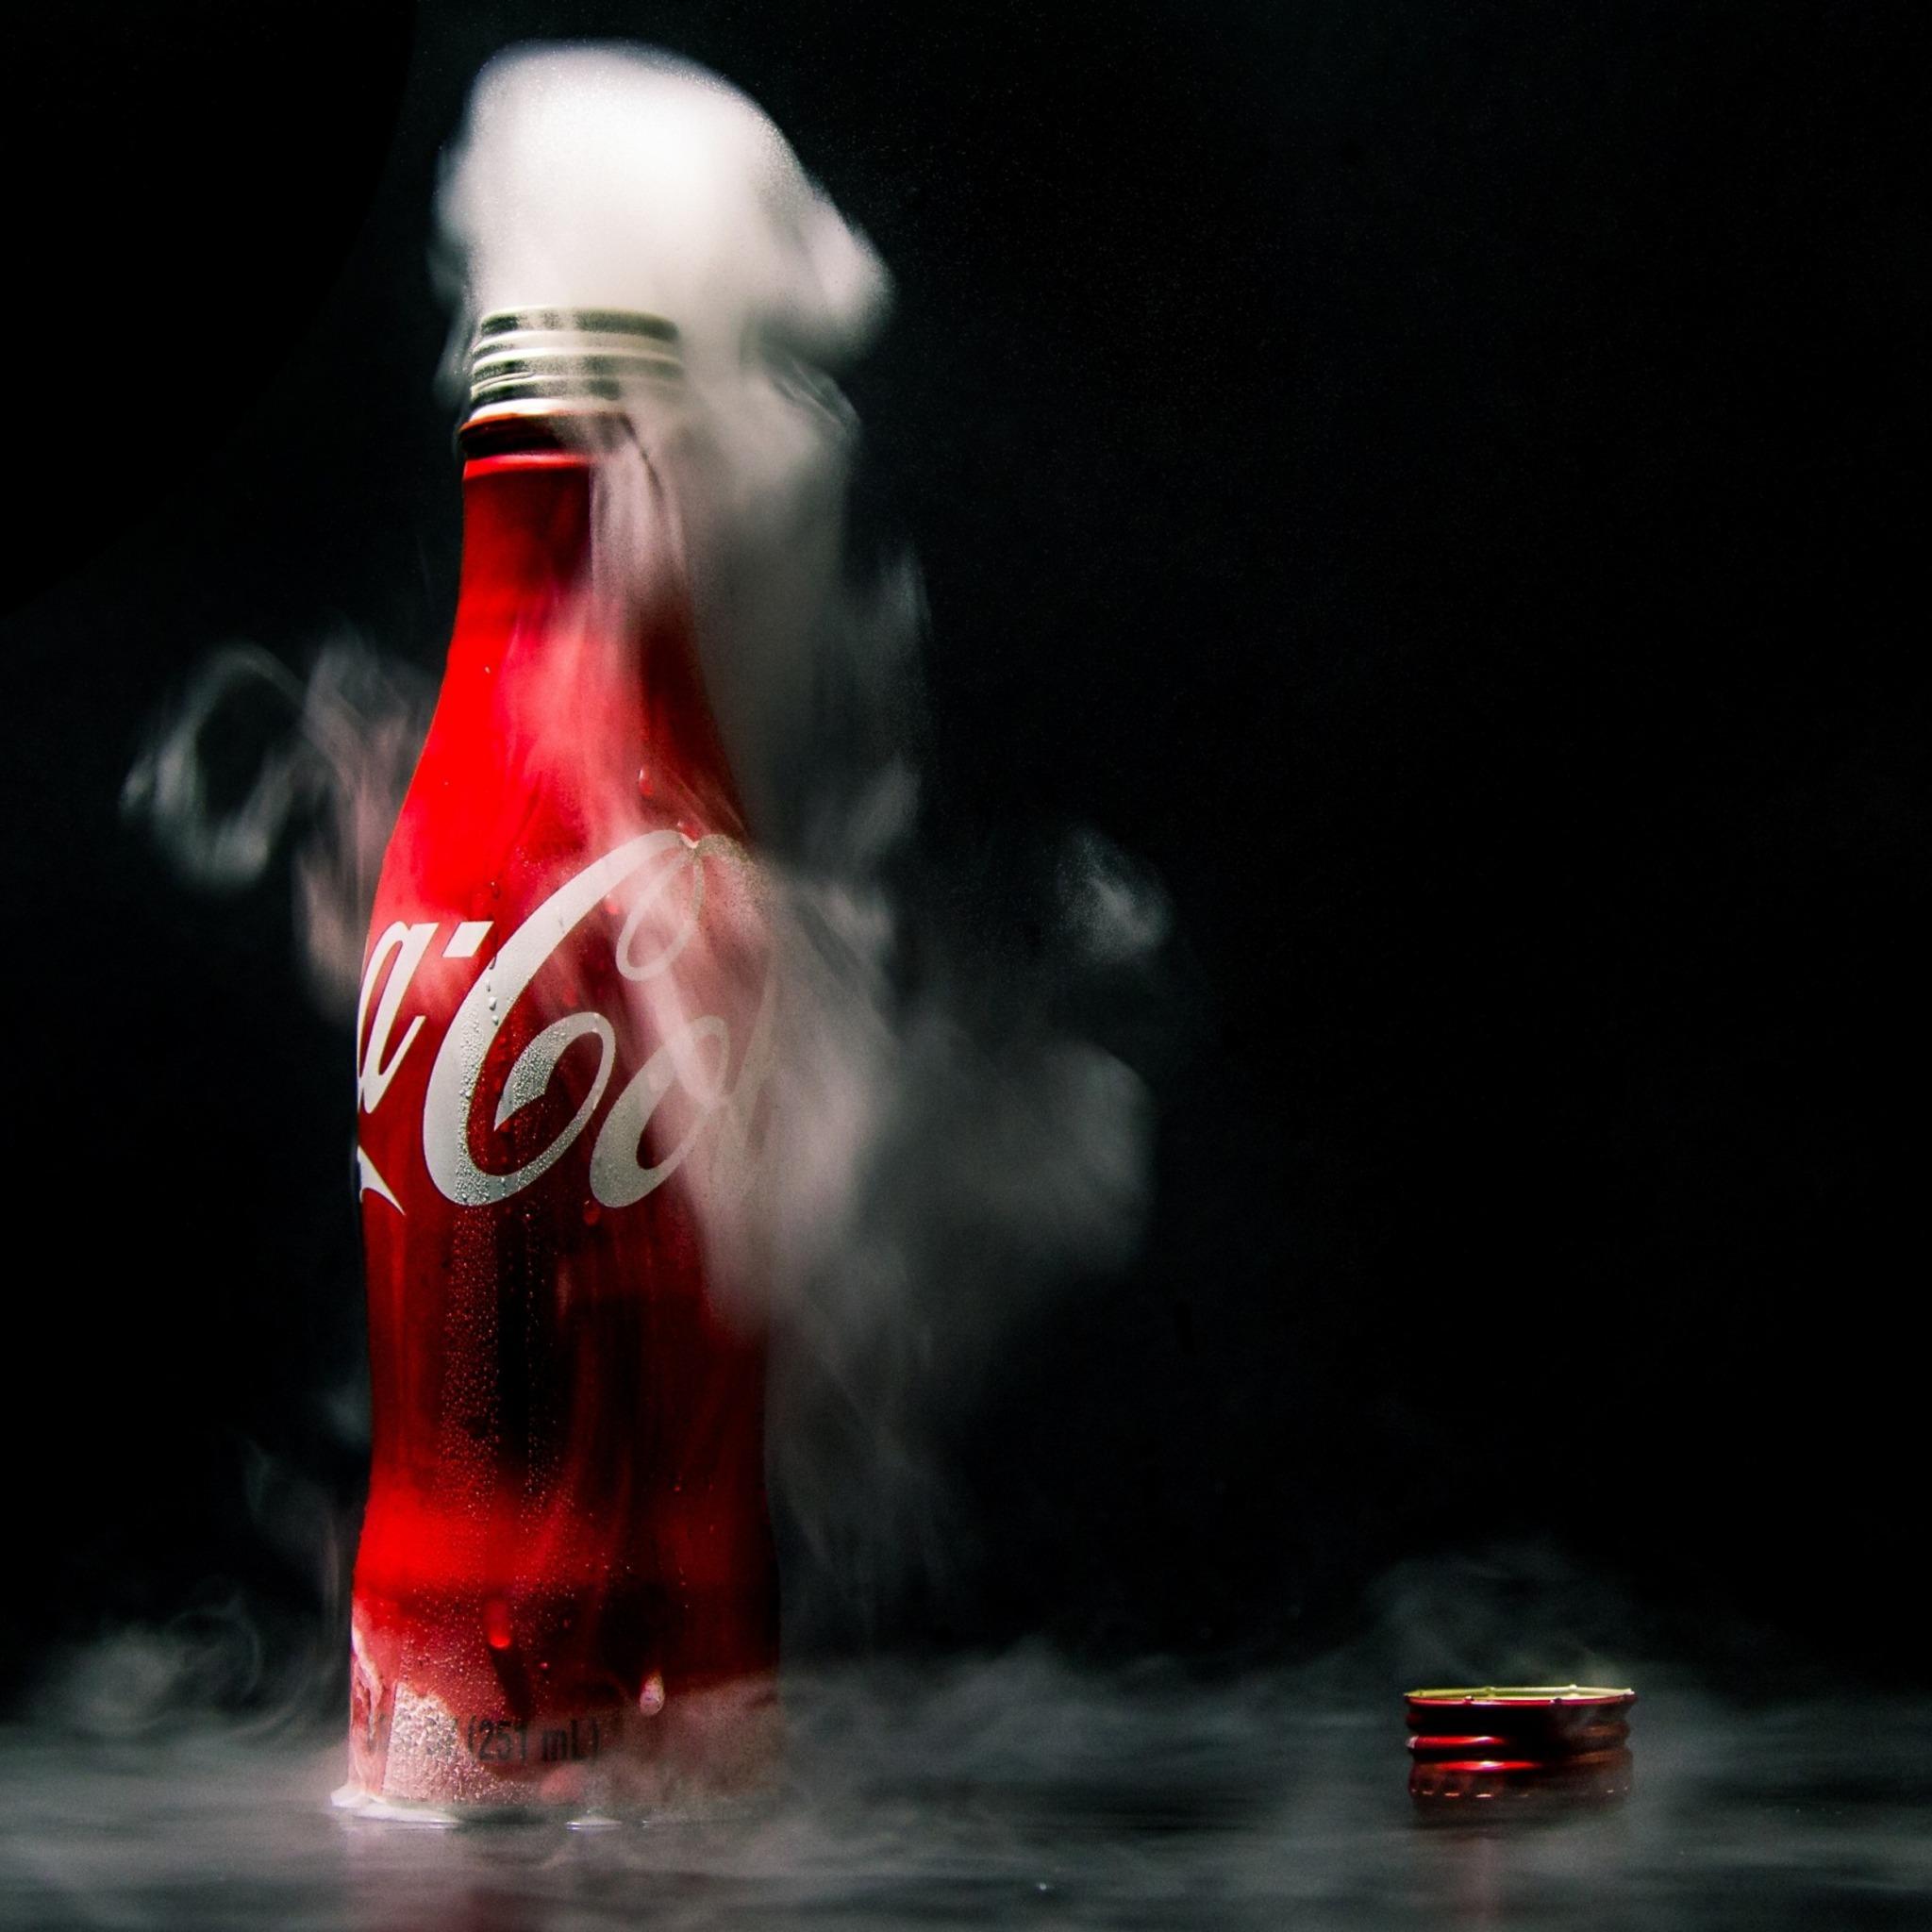 2048x2048 Coca Cola Ipad Air HD 4k Wallpapers, Images ...